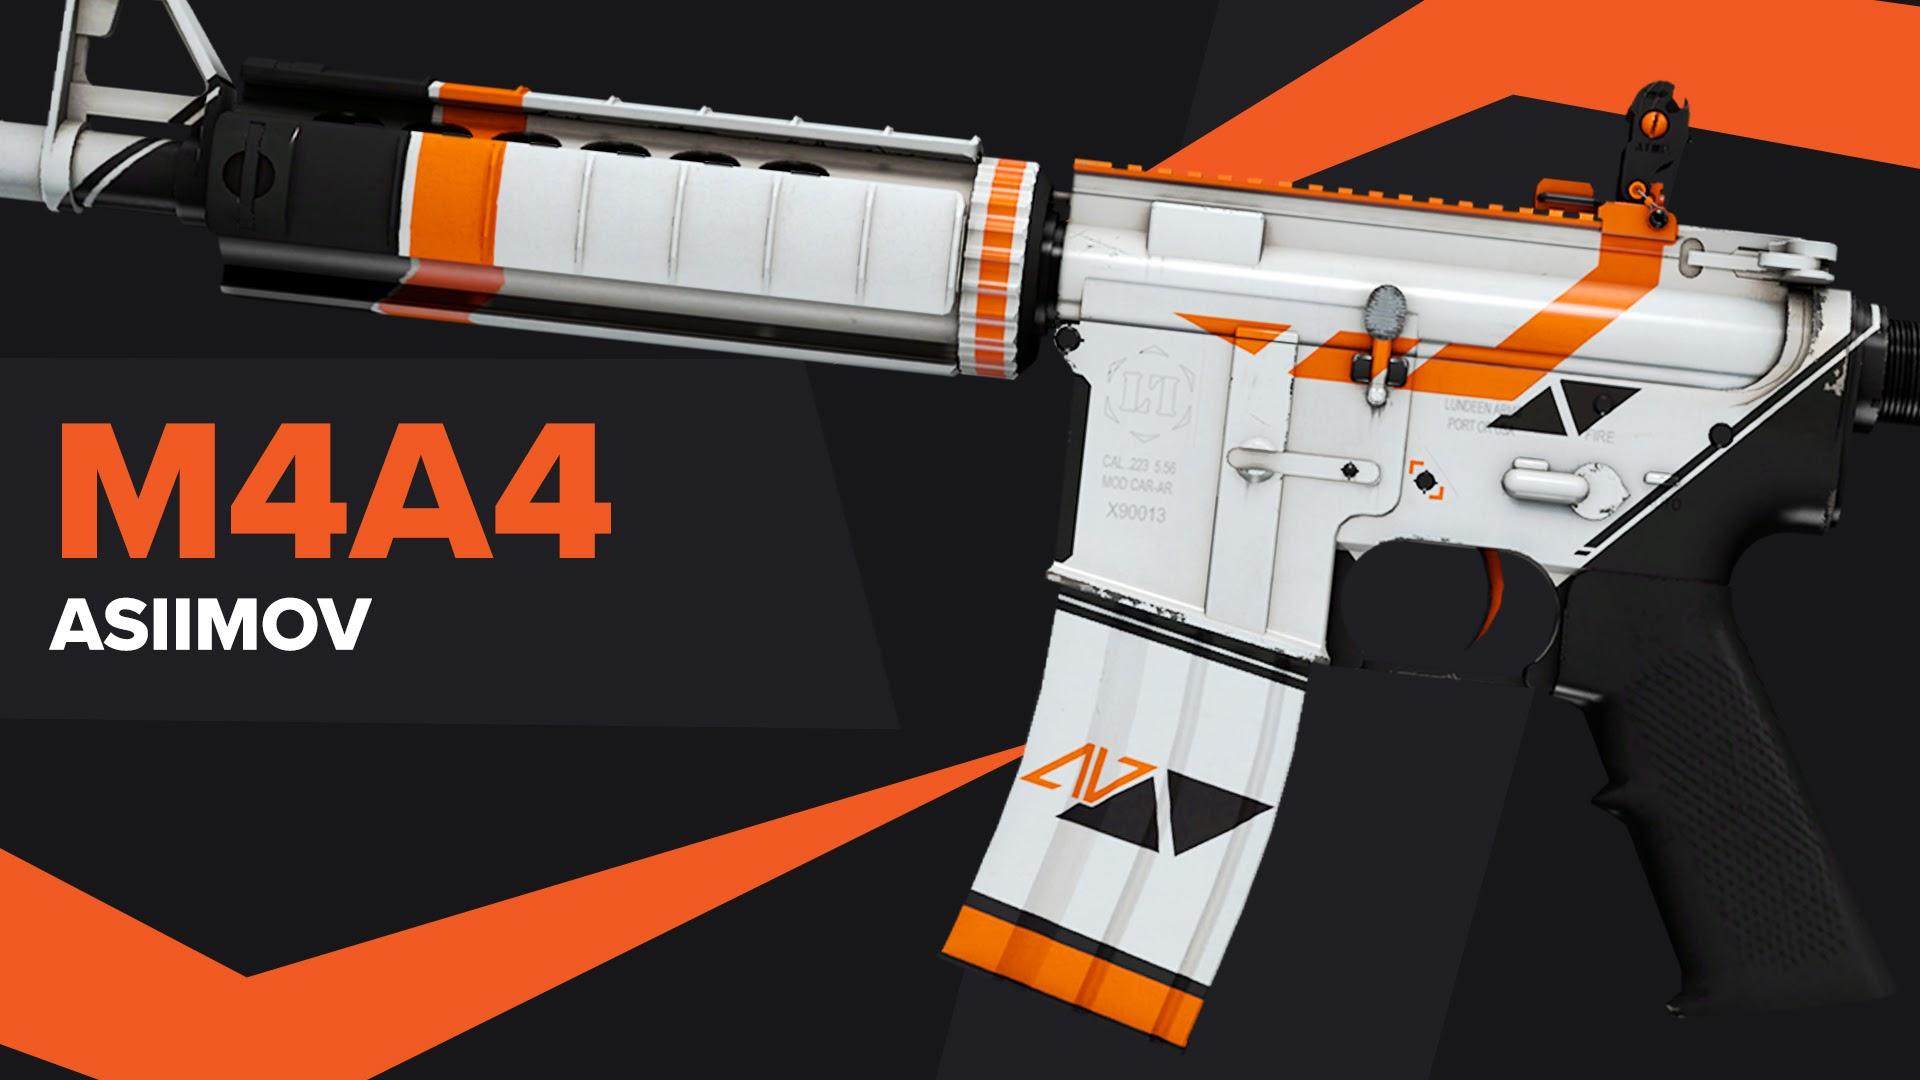 Asiimov CSGO Skin M4A4